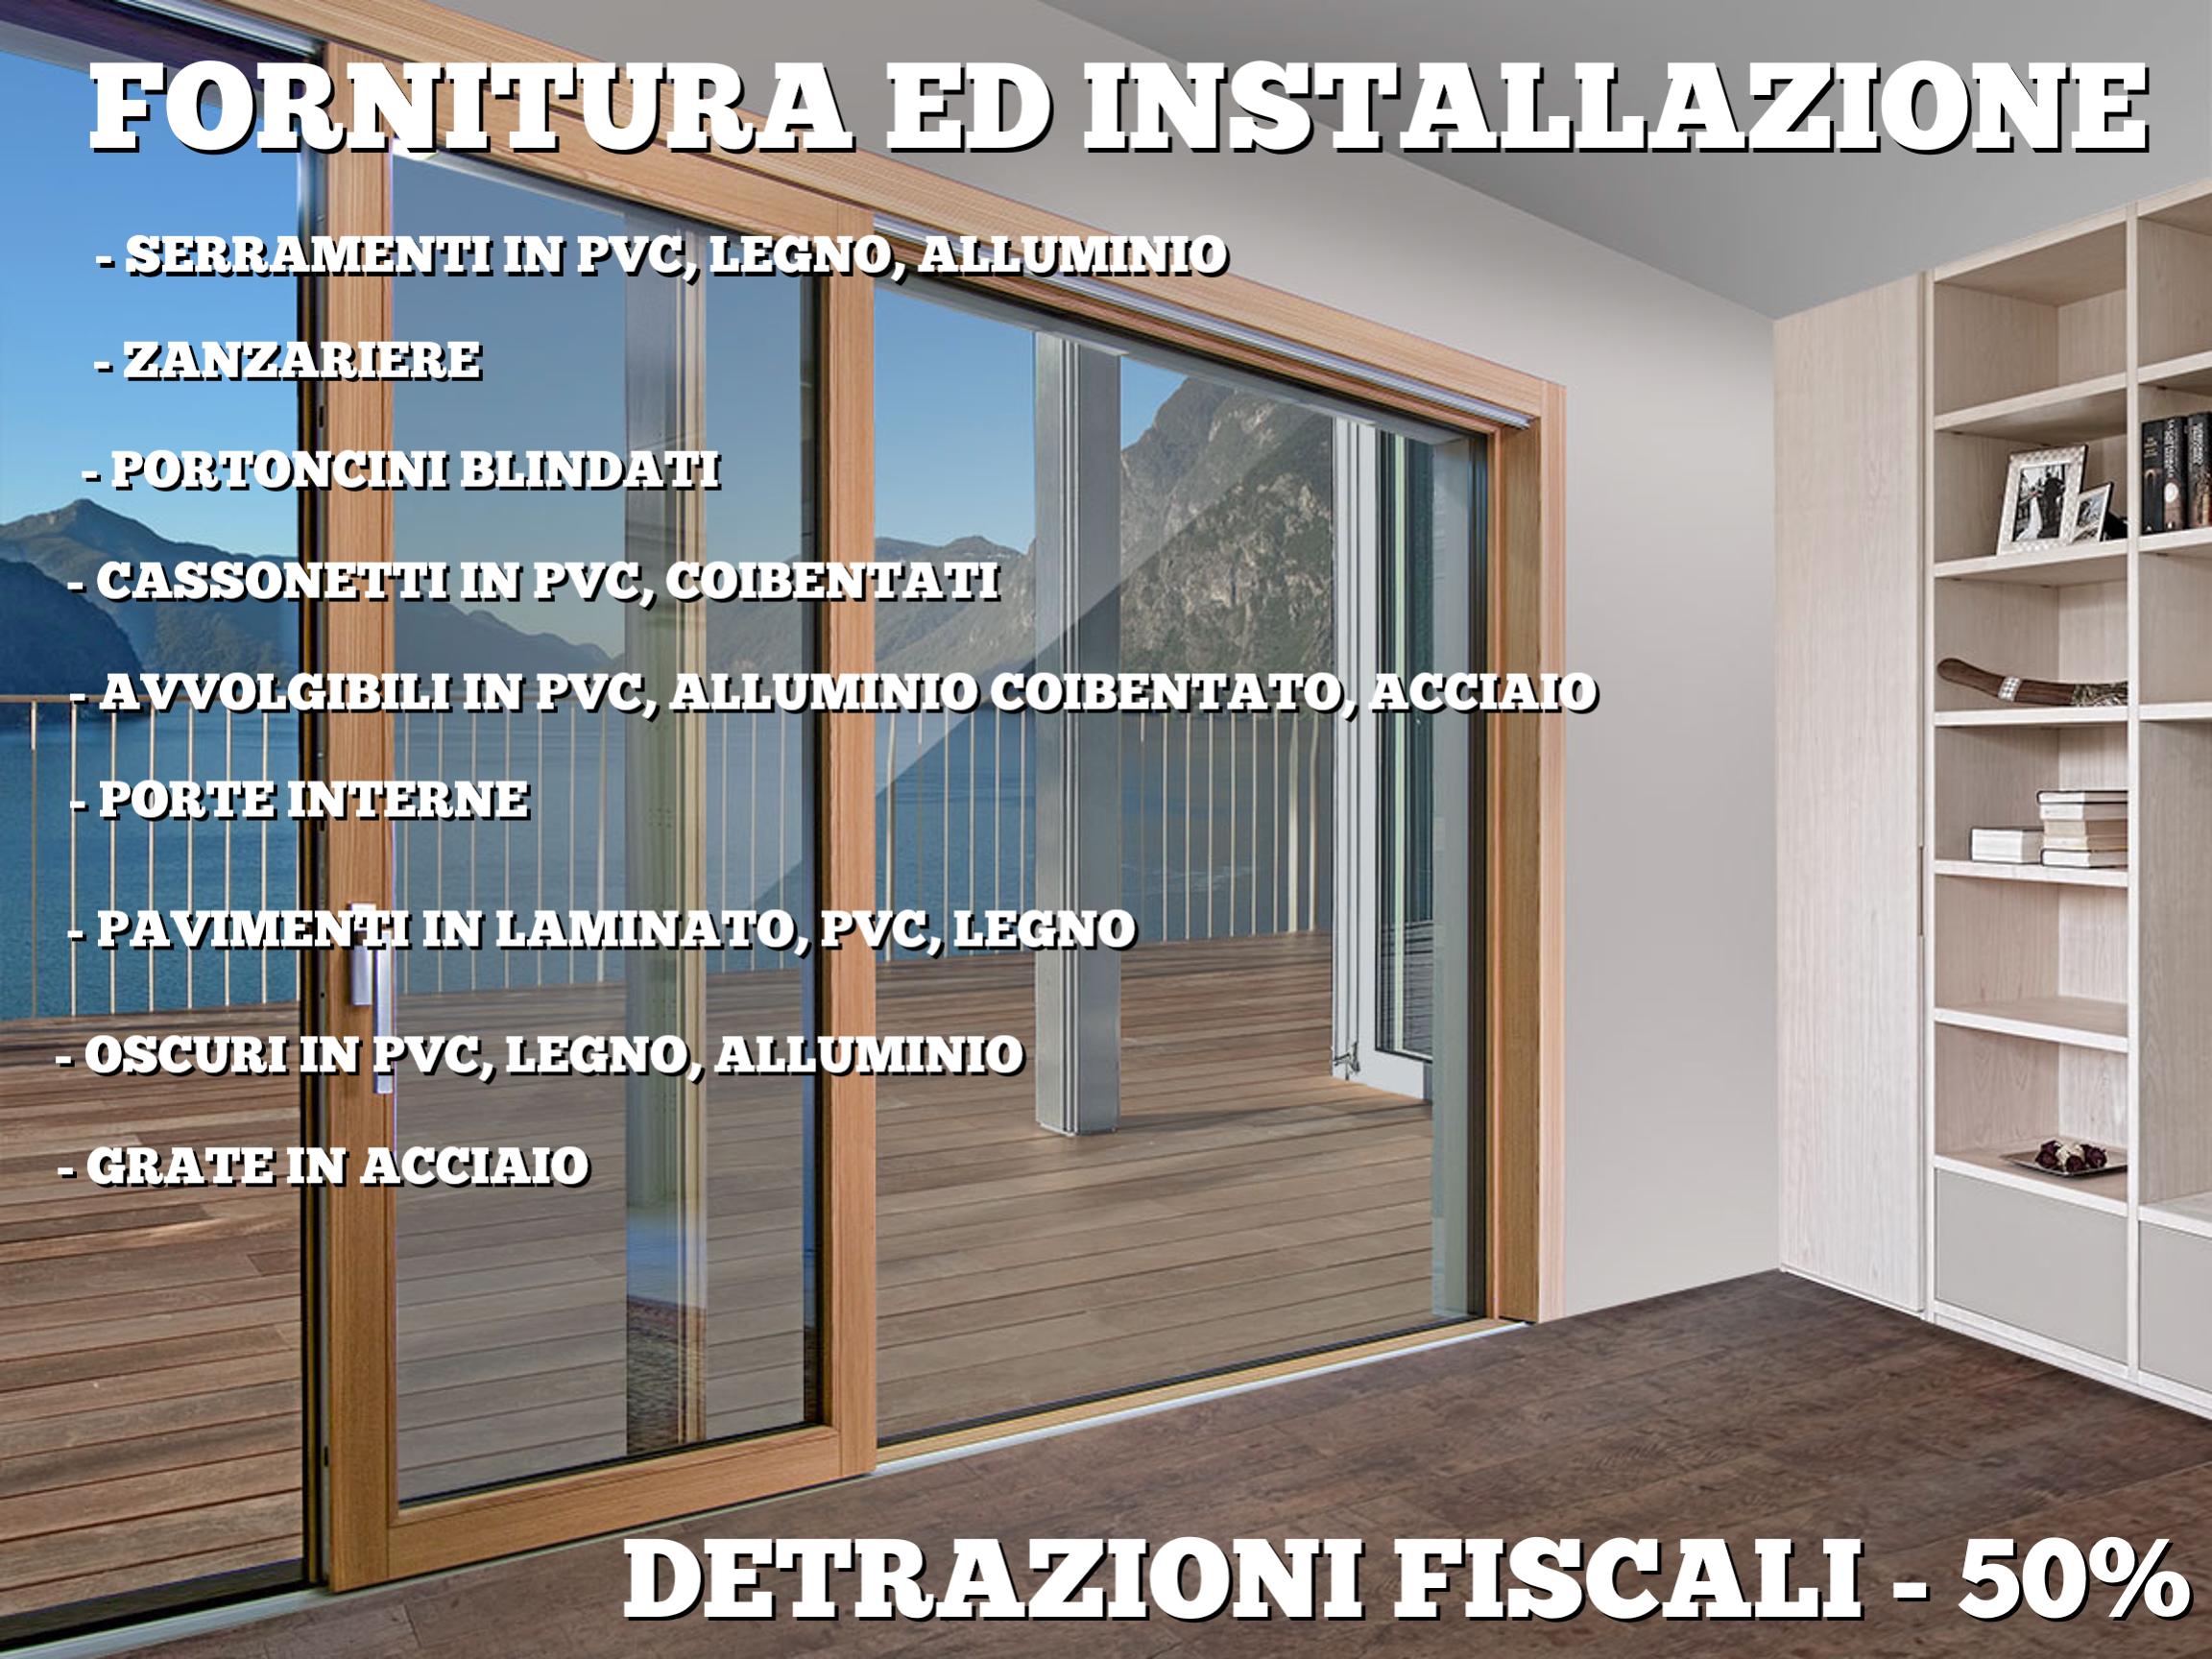 Installazione e riparazione di basculanti a Venezia. Contatta FORTIT SERRAMENTI tel 041 2434708 cell 392 0814256 - 329 3241786